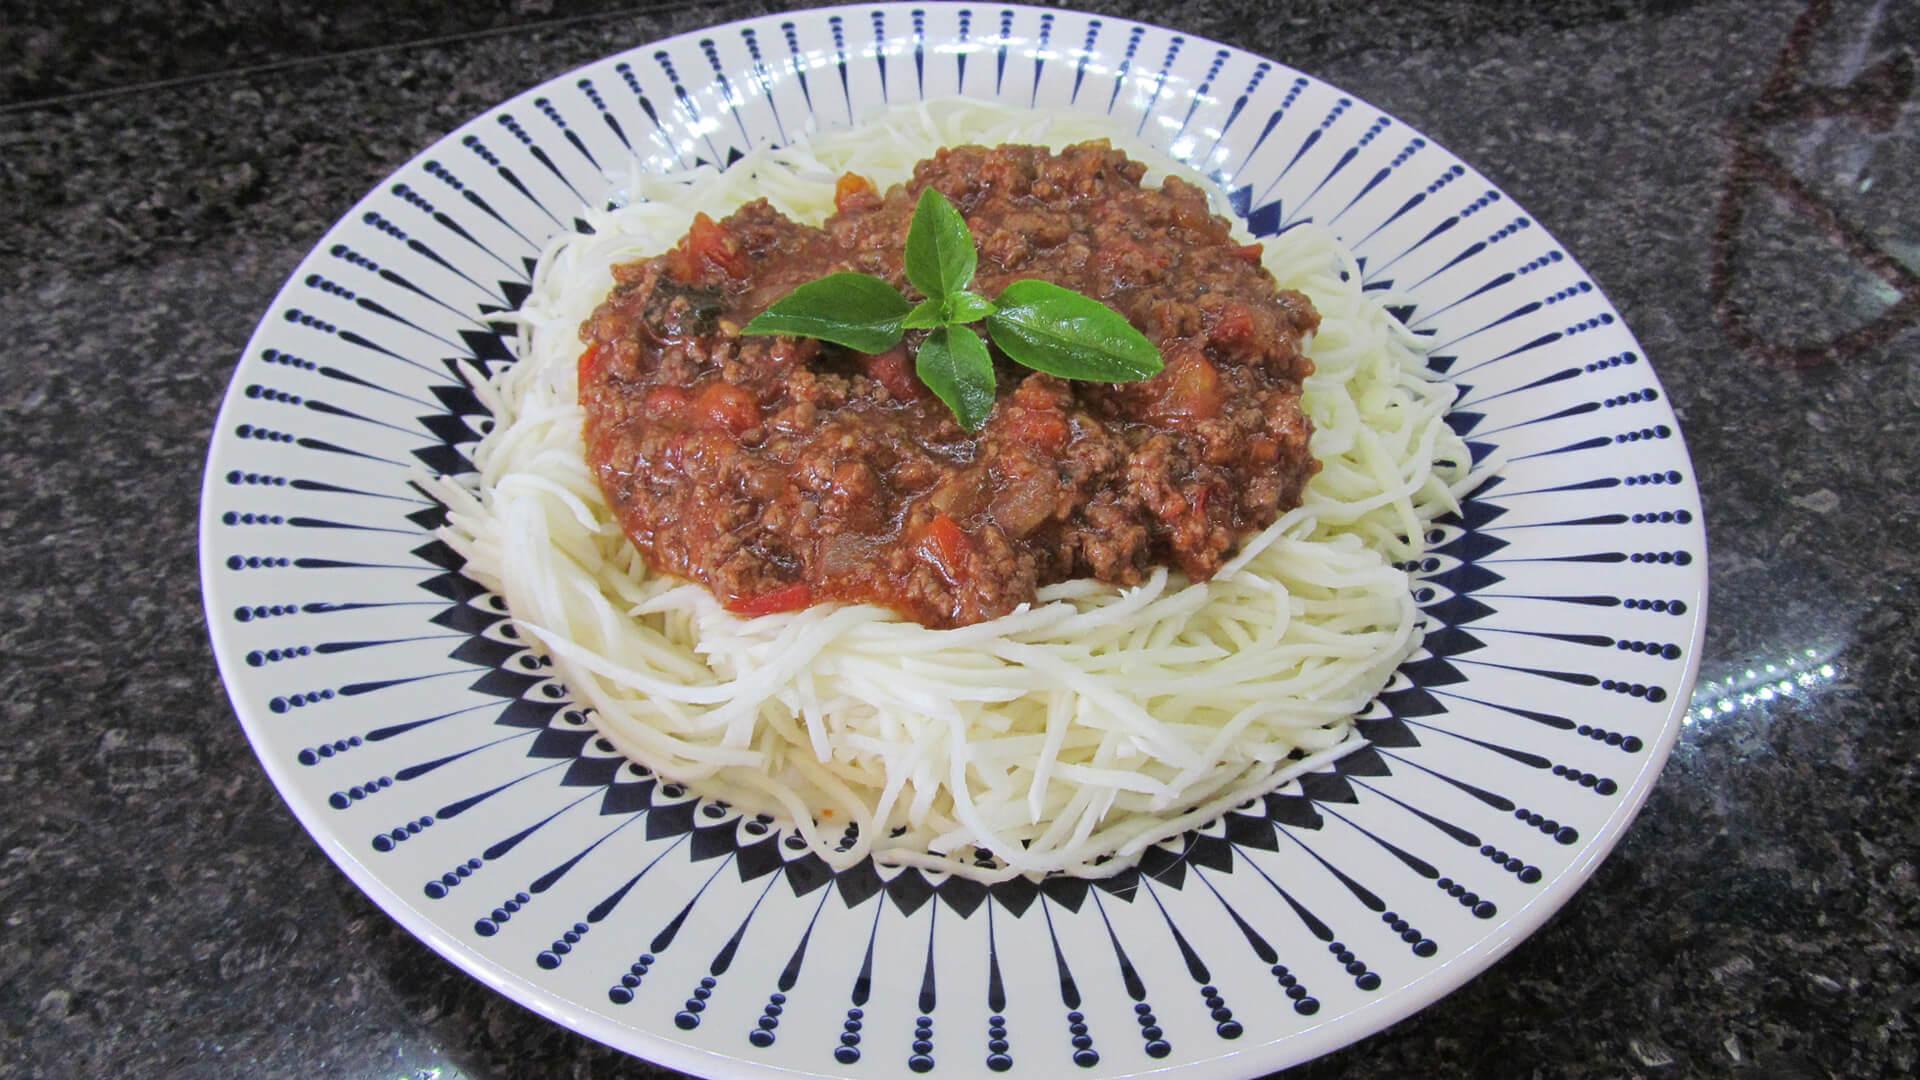 espaguete_prato3.jpg